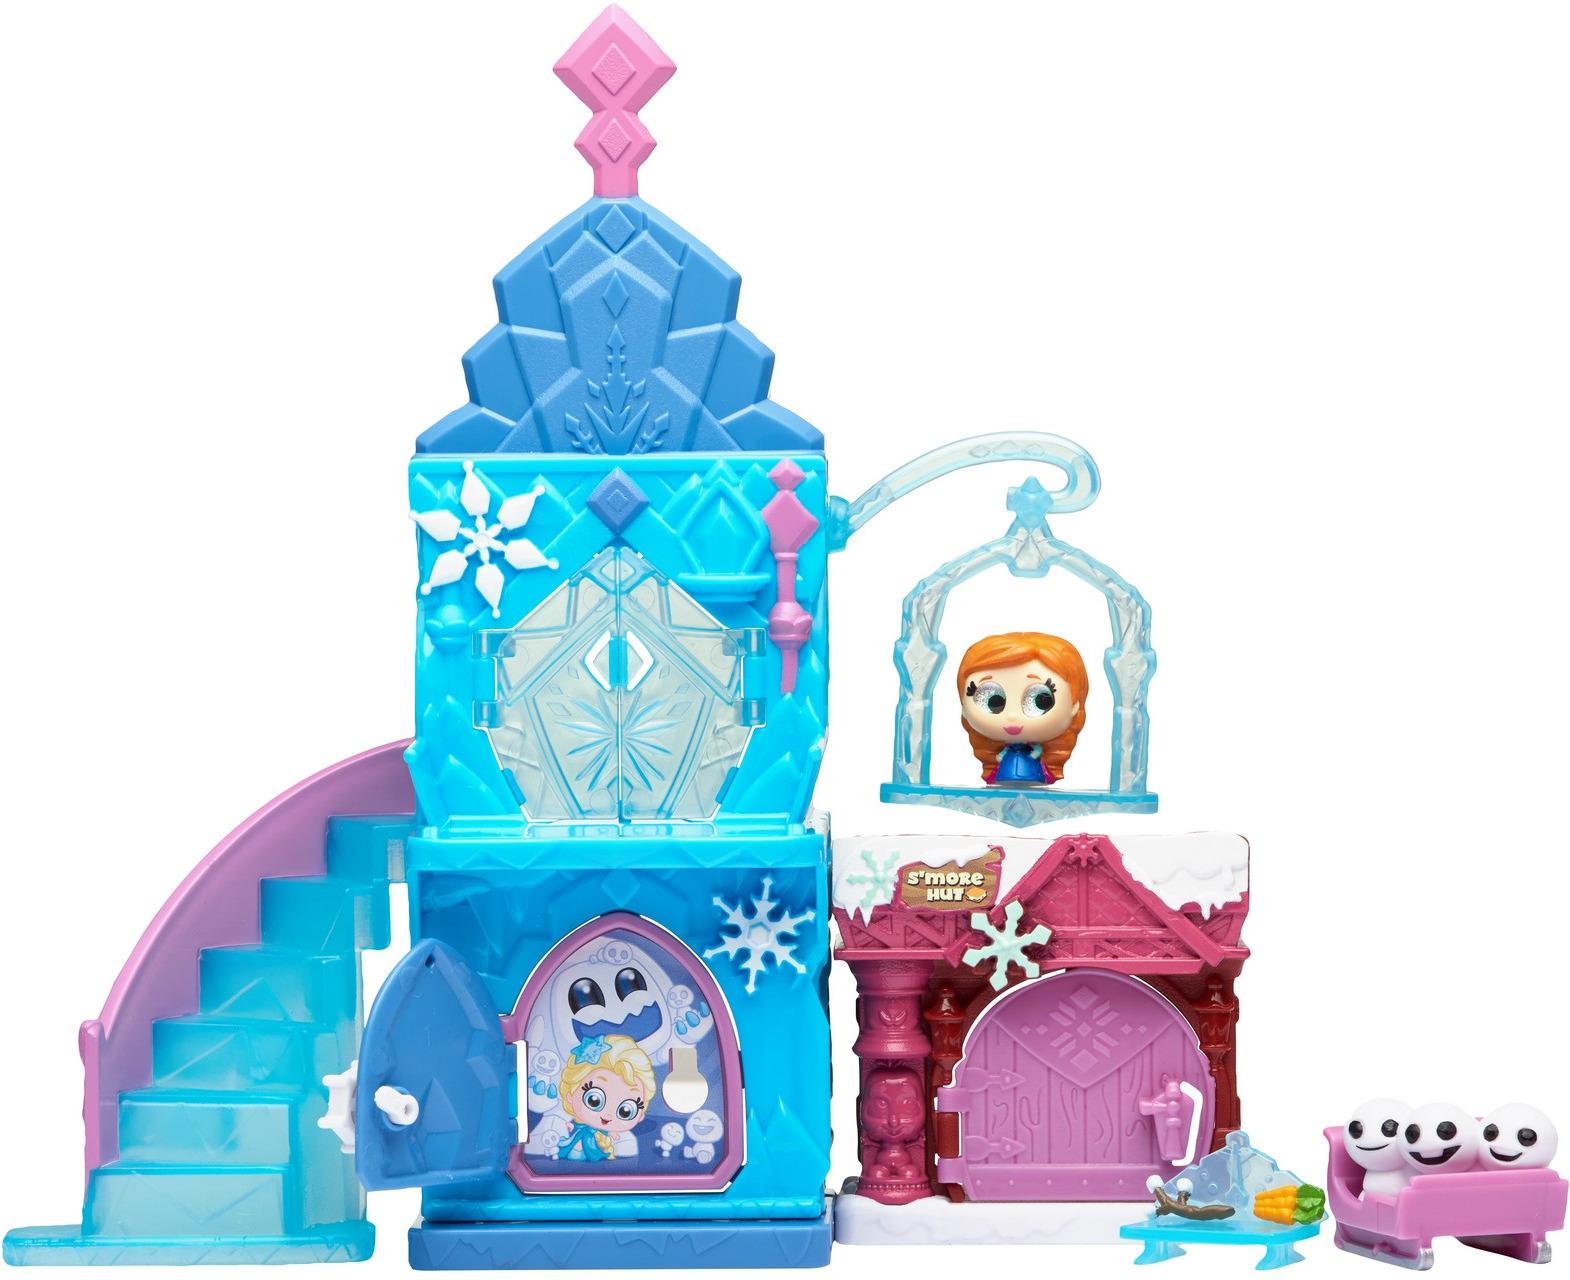 """Набор игровой Moose Disney Doorables """"Холодное сердце"""", 69408, с аксессуарами"""